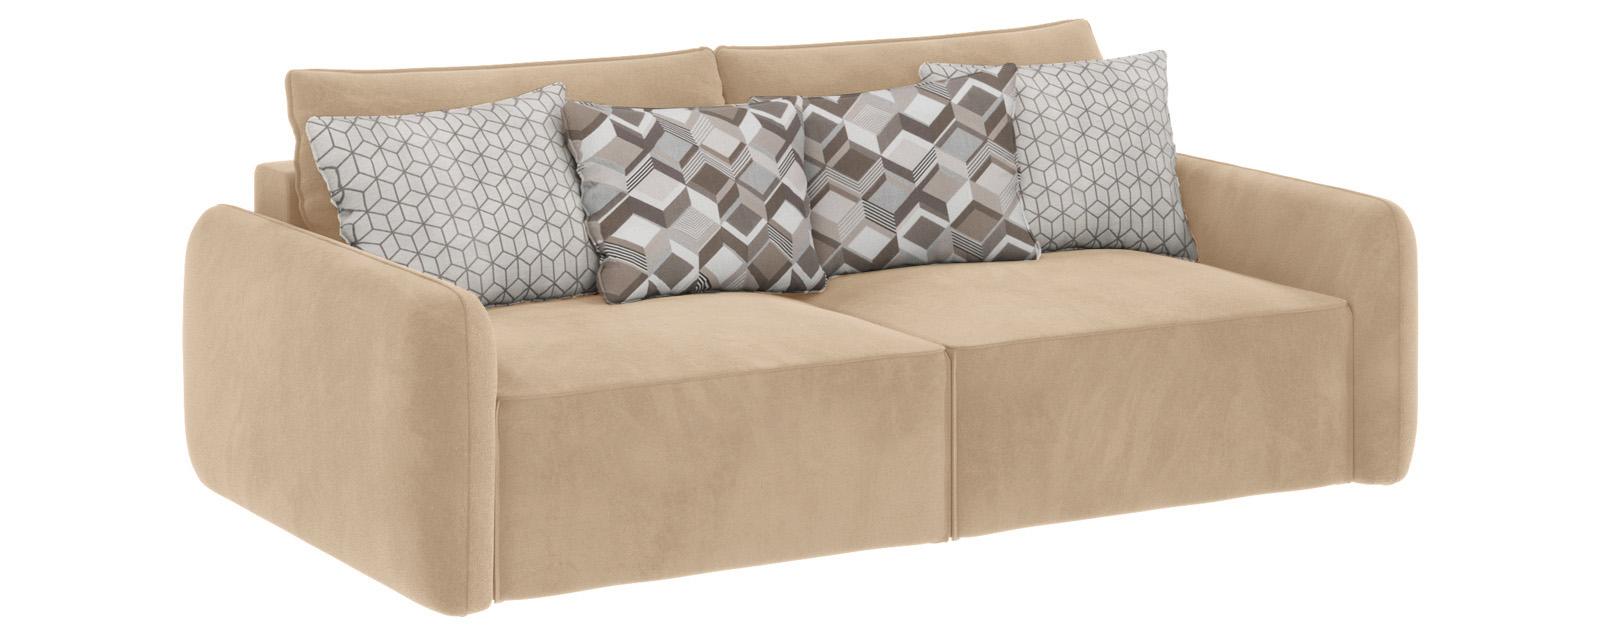 Модульный диван Портленд вариант №7 Soft песочный (Вел-флок)